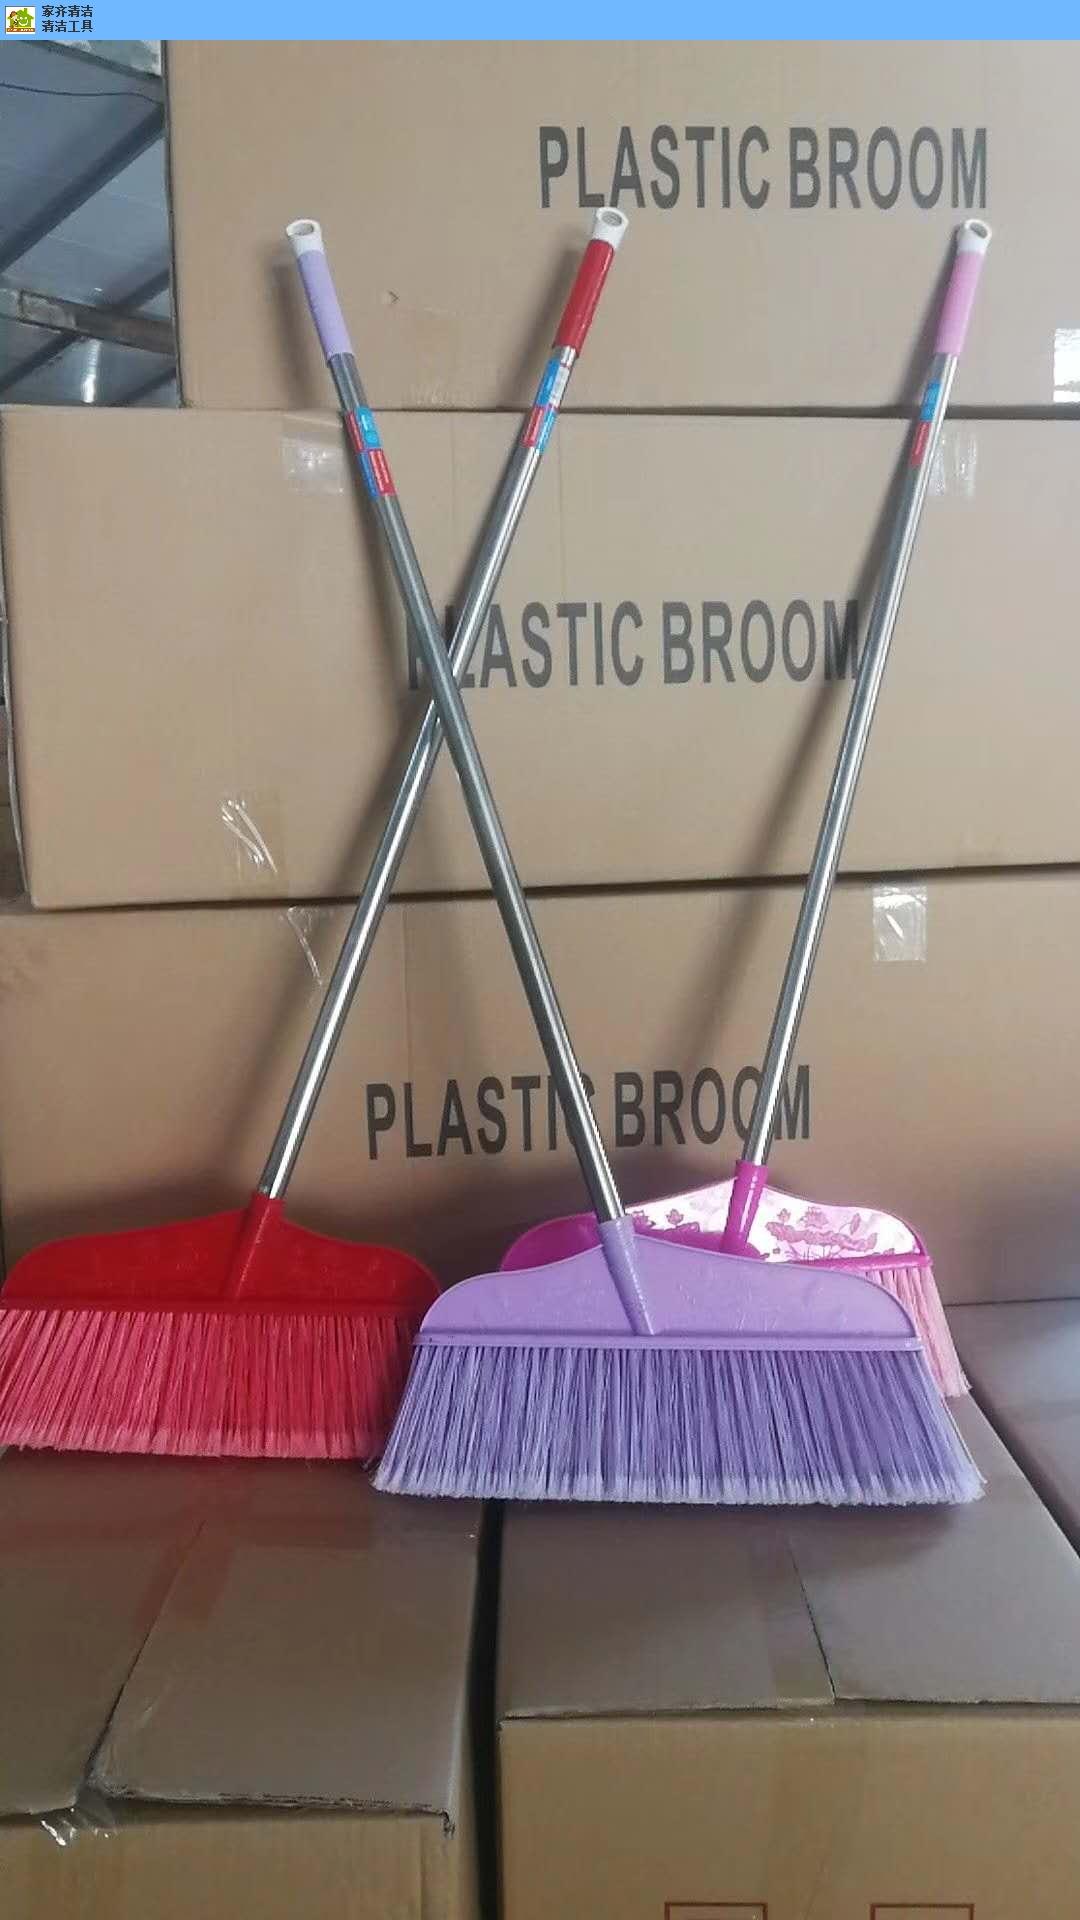 池州常用清洁工具销售 欢迎咨询 萧县家齐清洁制品供应